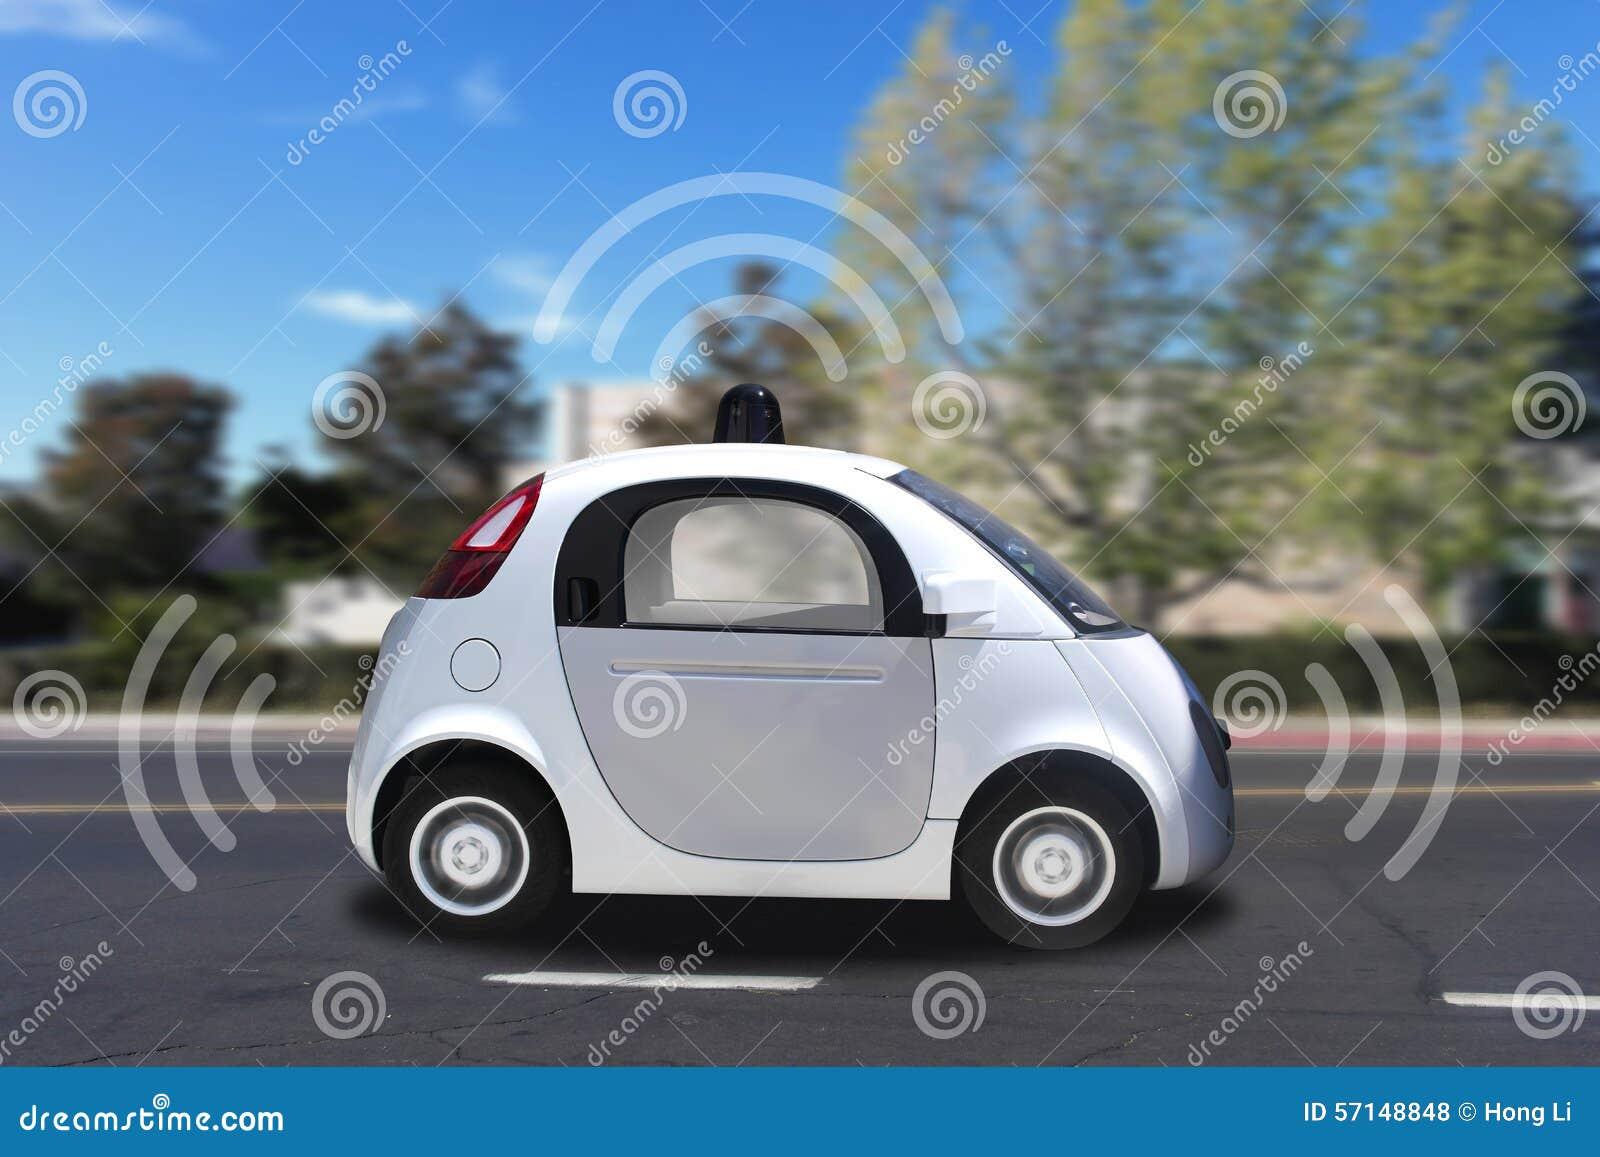 Autonoom zelf-drijft driverless voertuig met radar het drijven op de weg